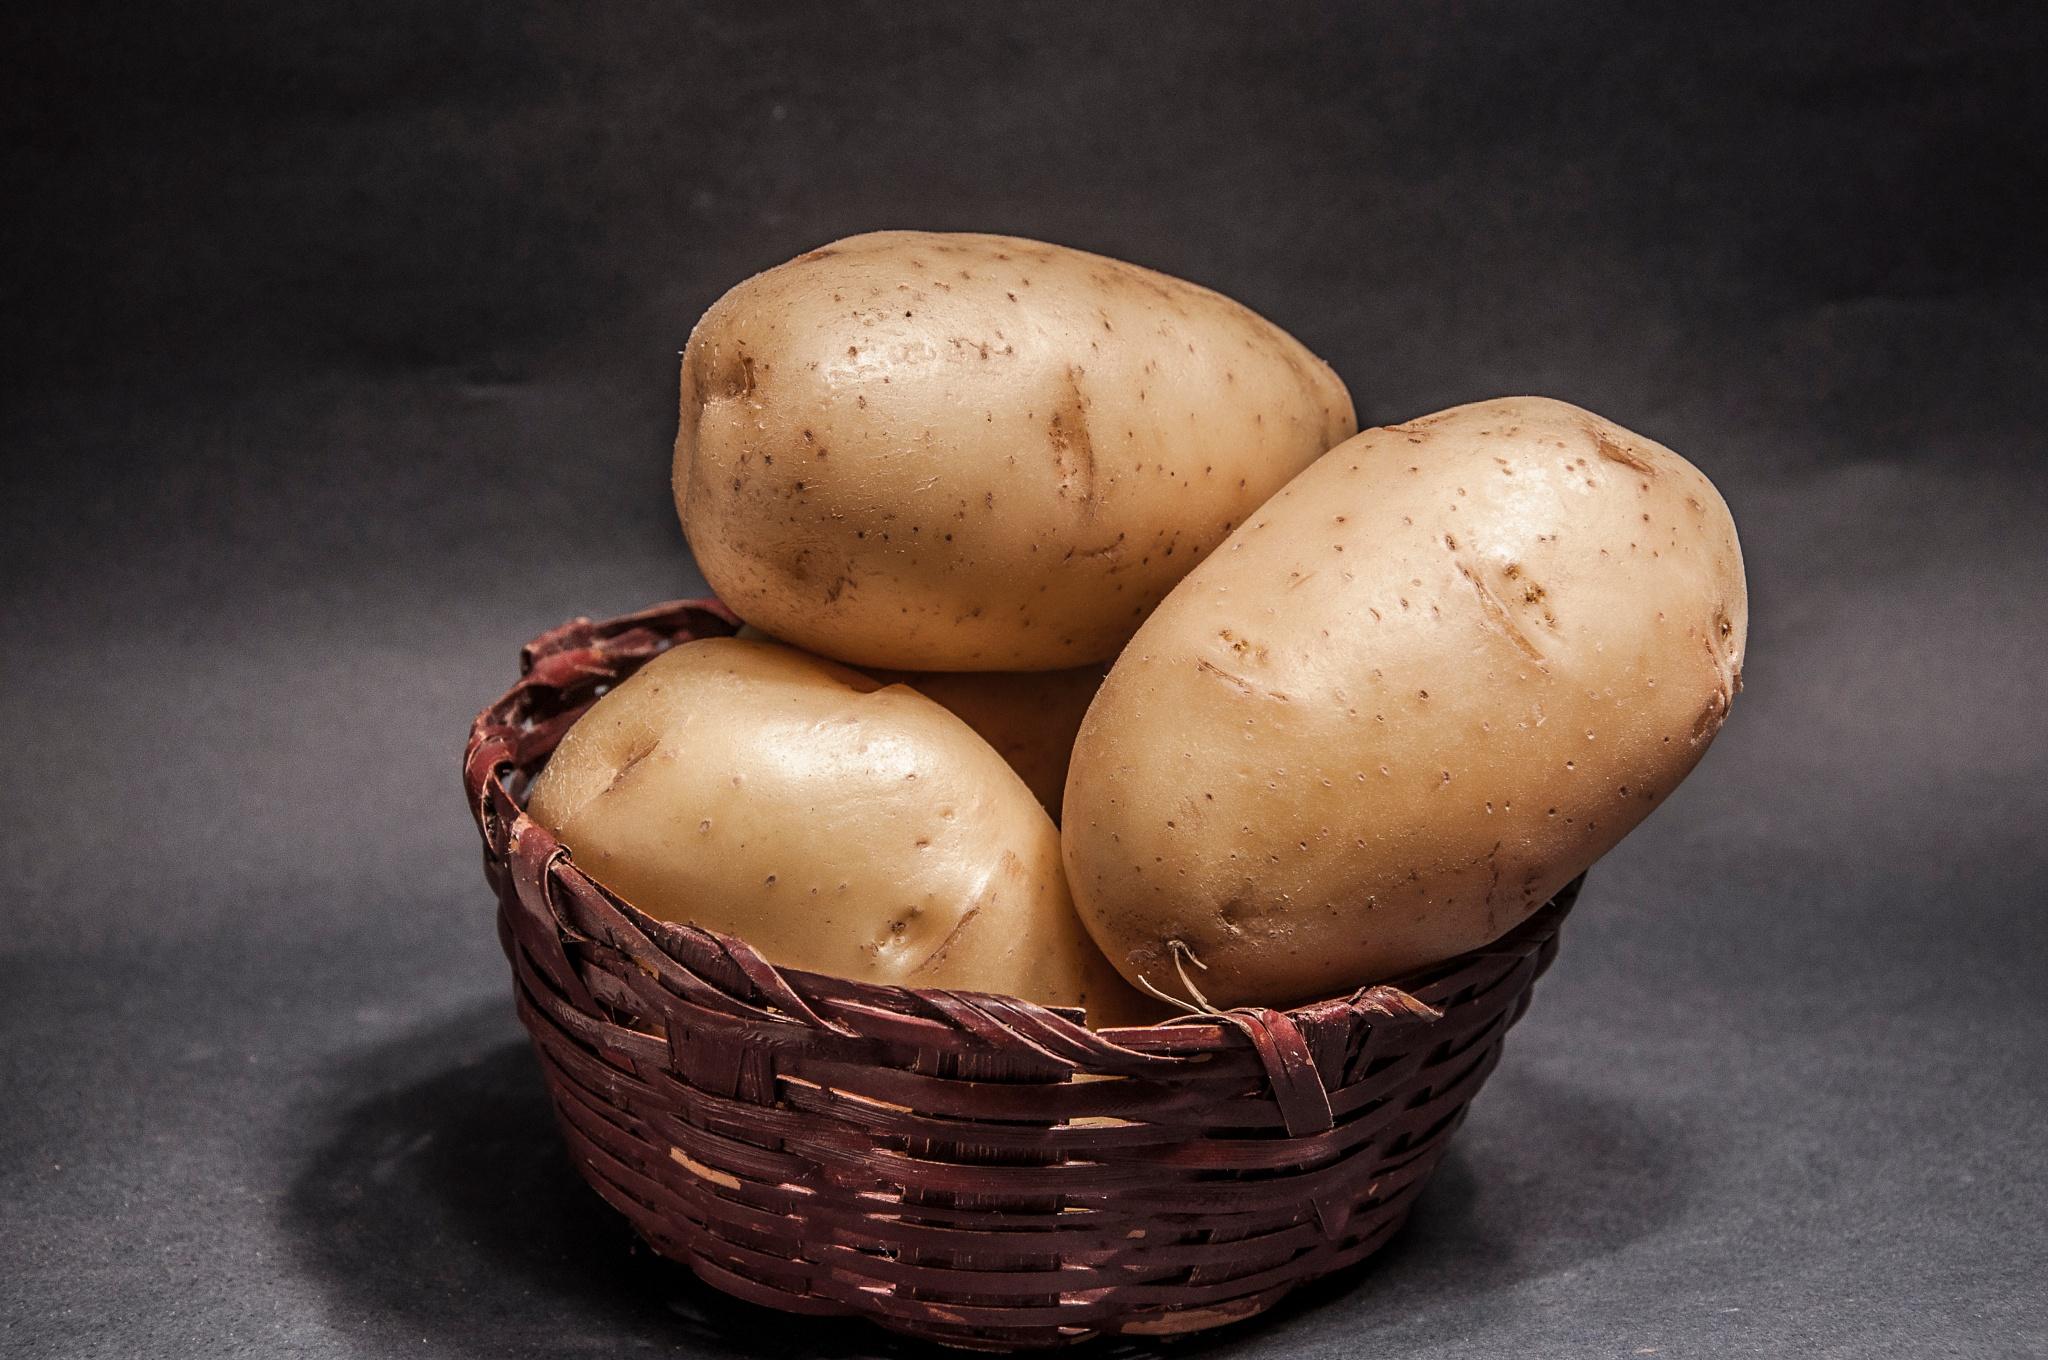 Potatoes 9 by Valmirez